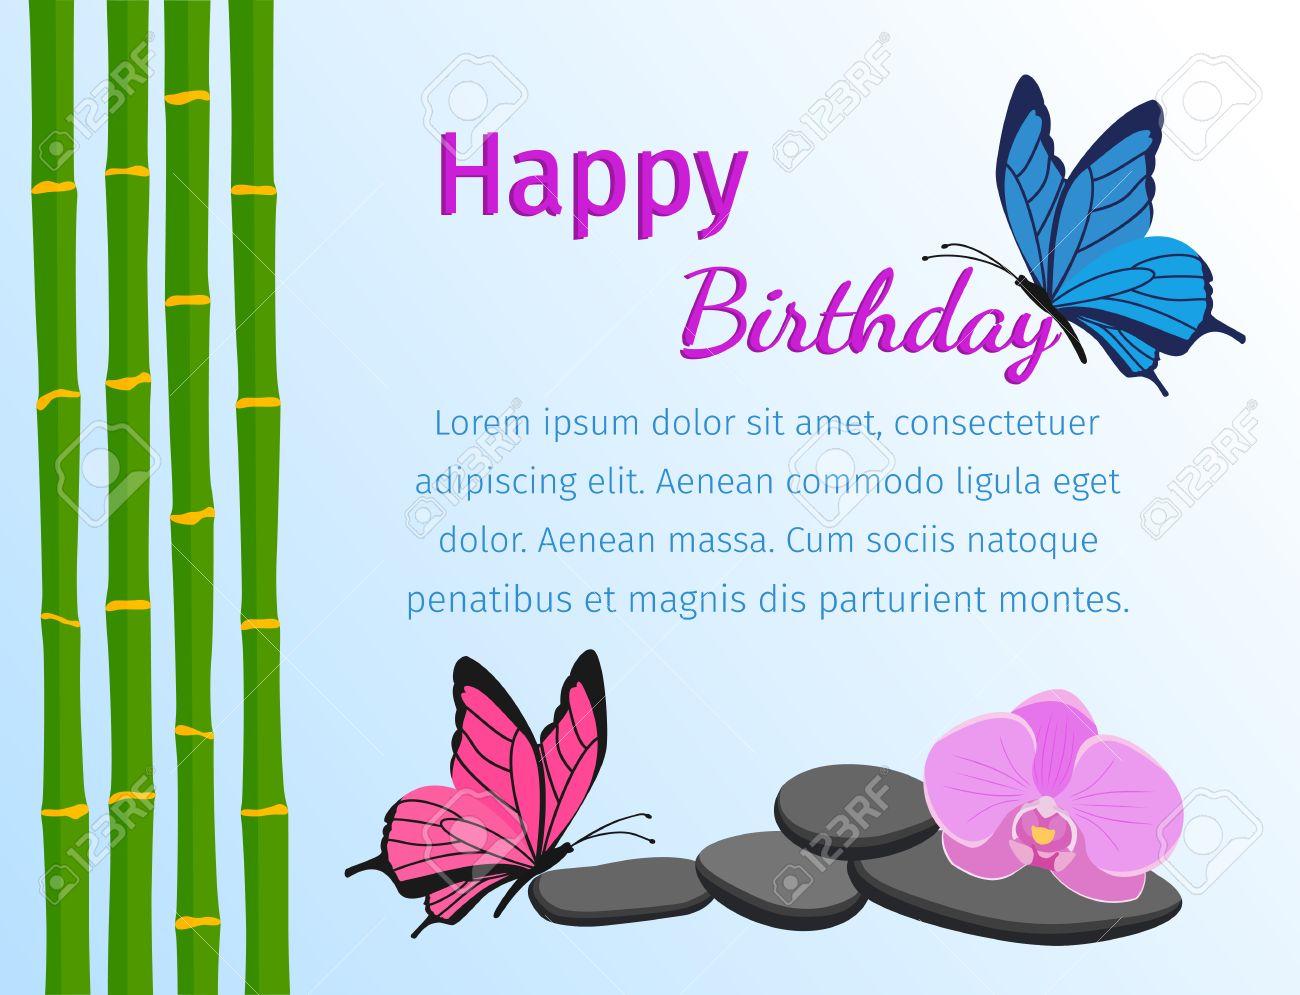 Vettoriale Buon Biglietto Di Auguri Di Compleanno Con Le Farfalle